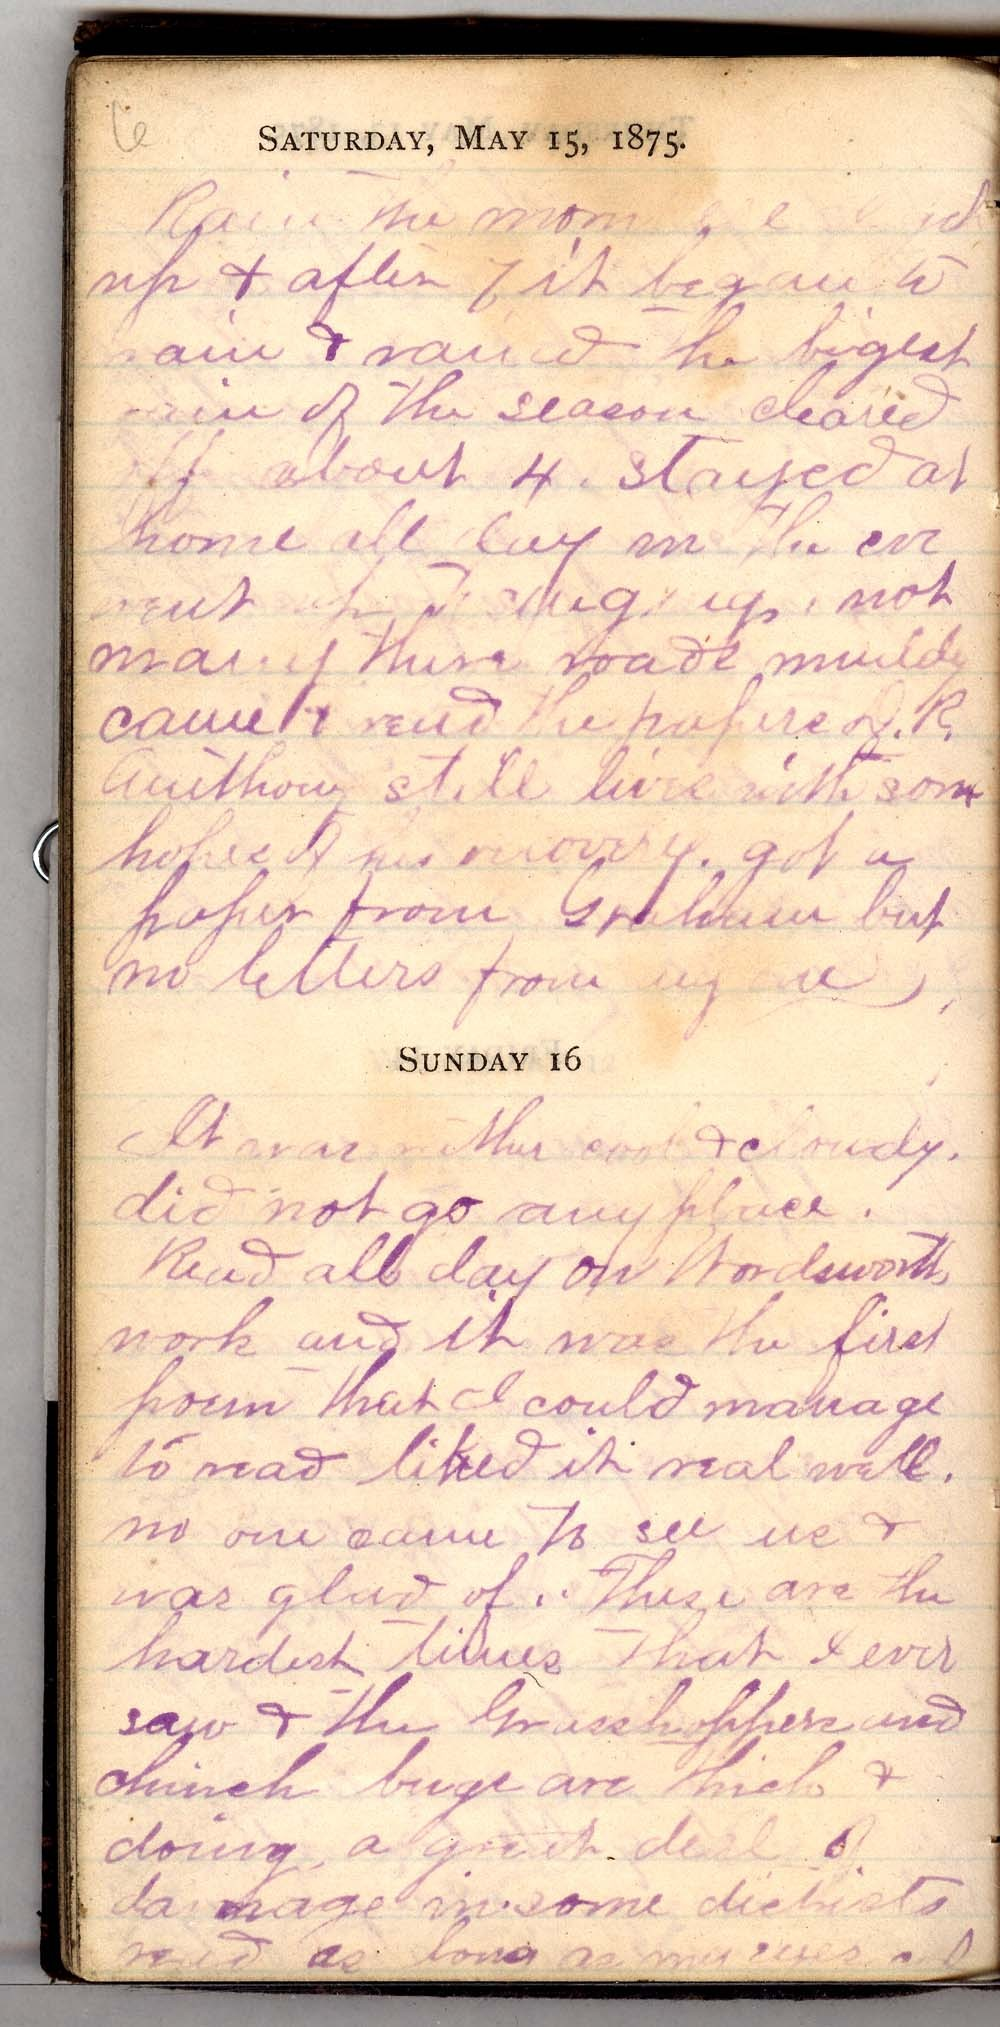 John William Gardiner diary - 6